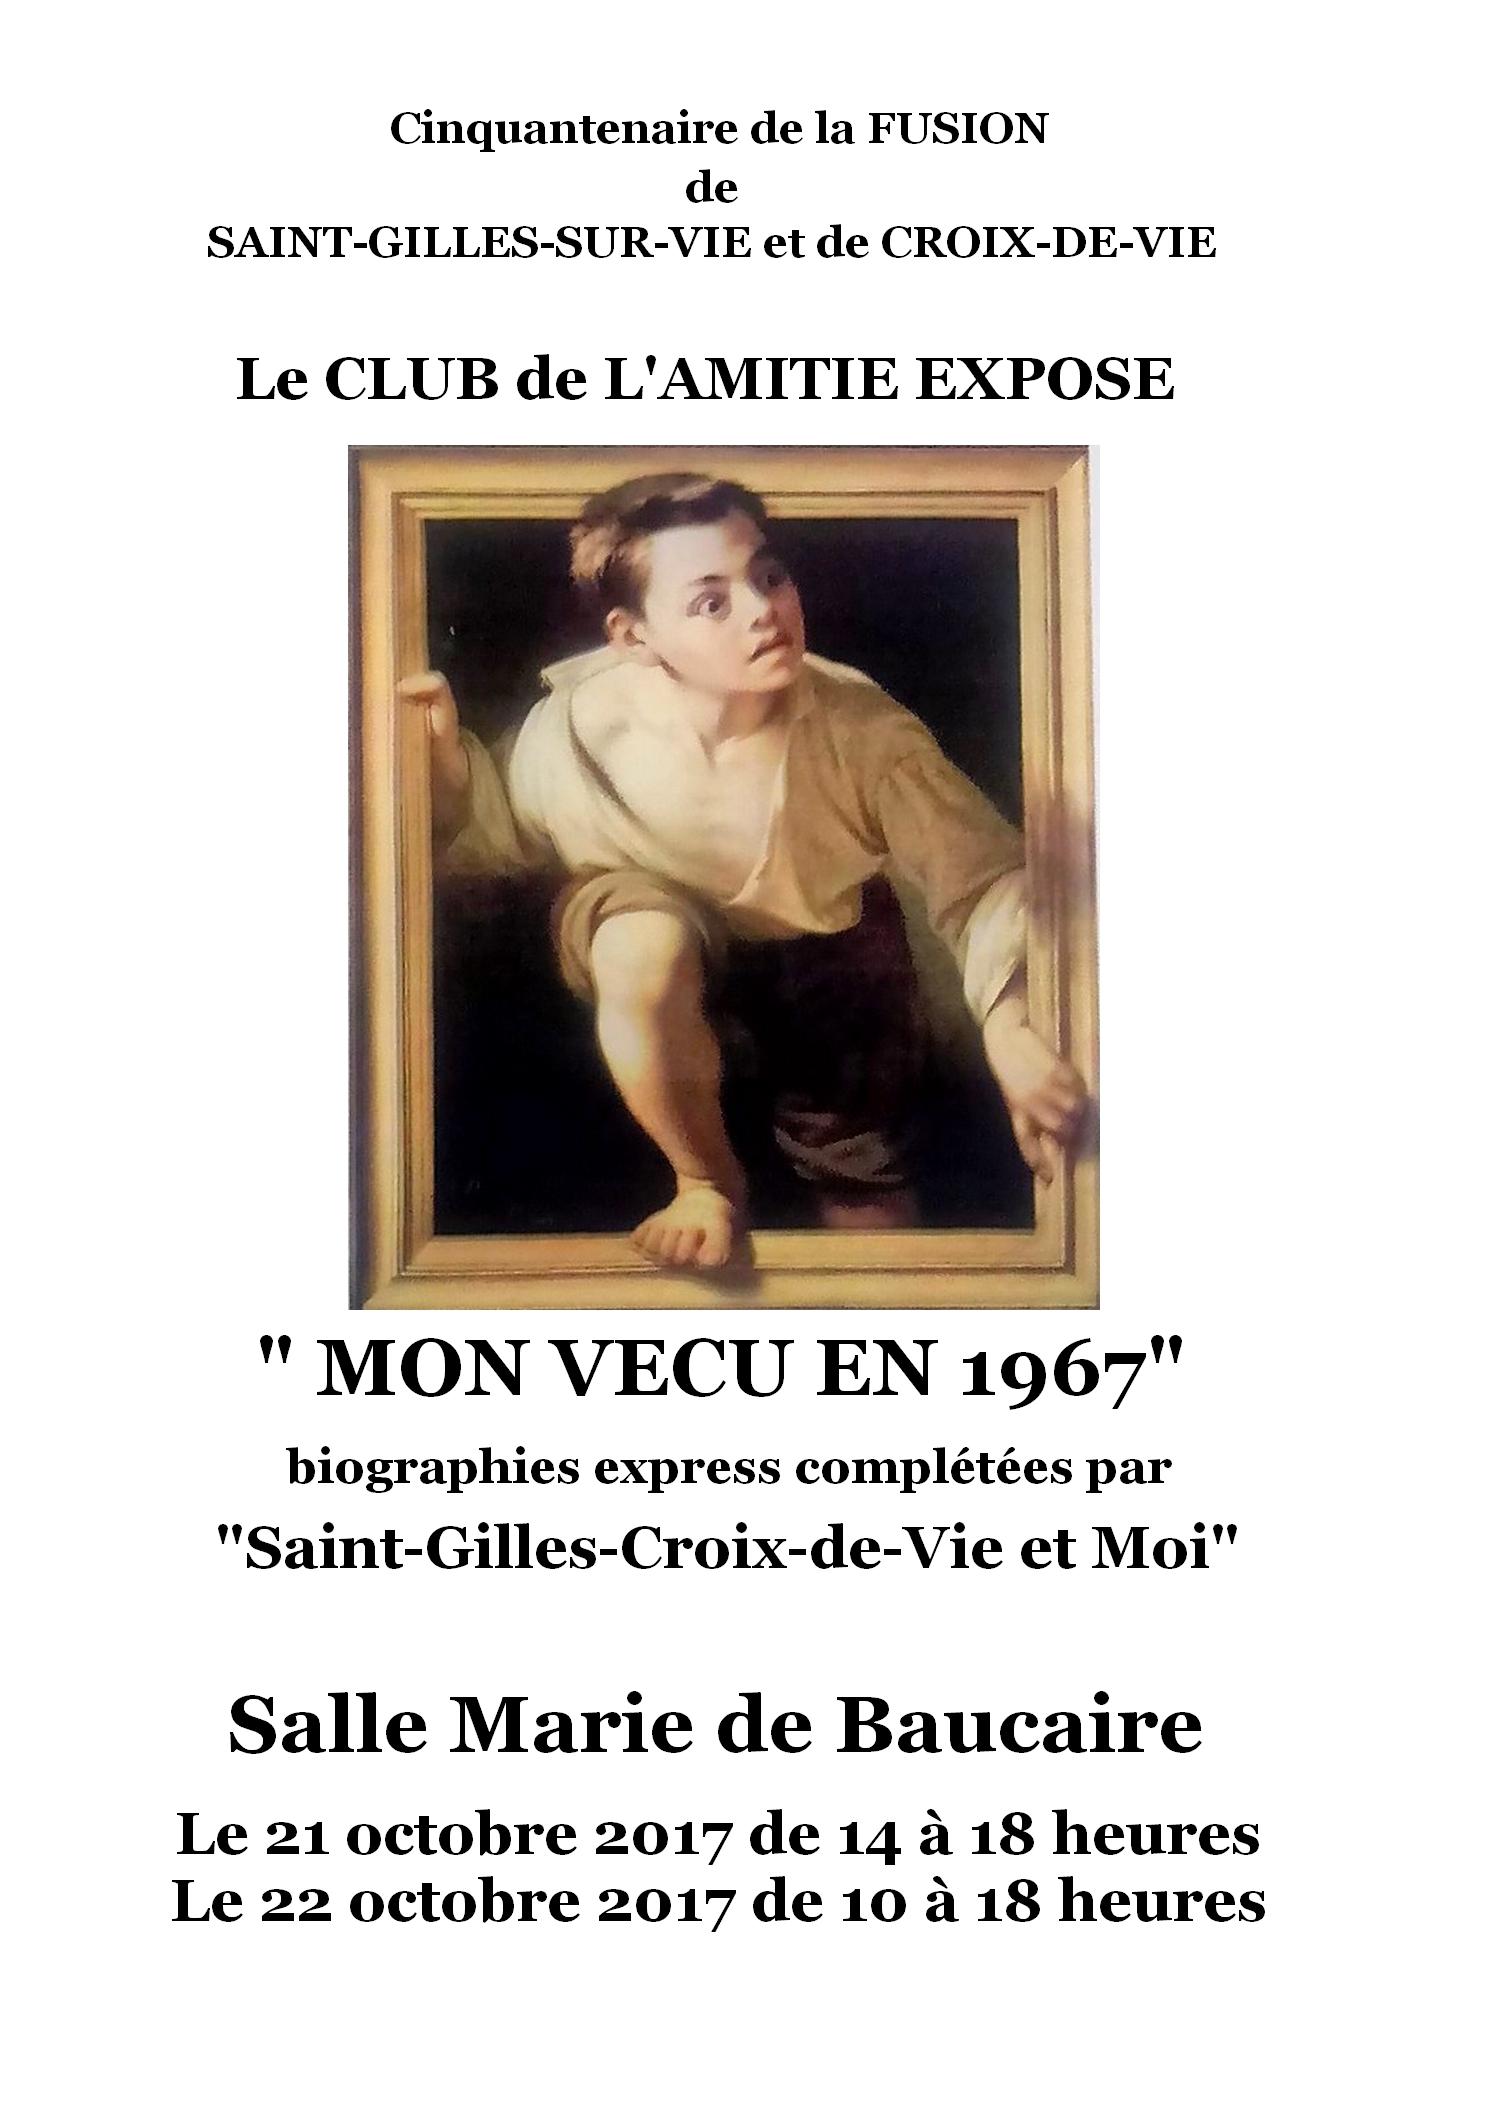 Exposition photos – Fusion de St Gilles et Croix de Vie